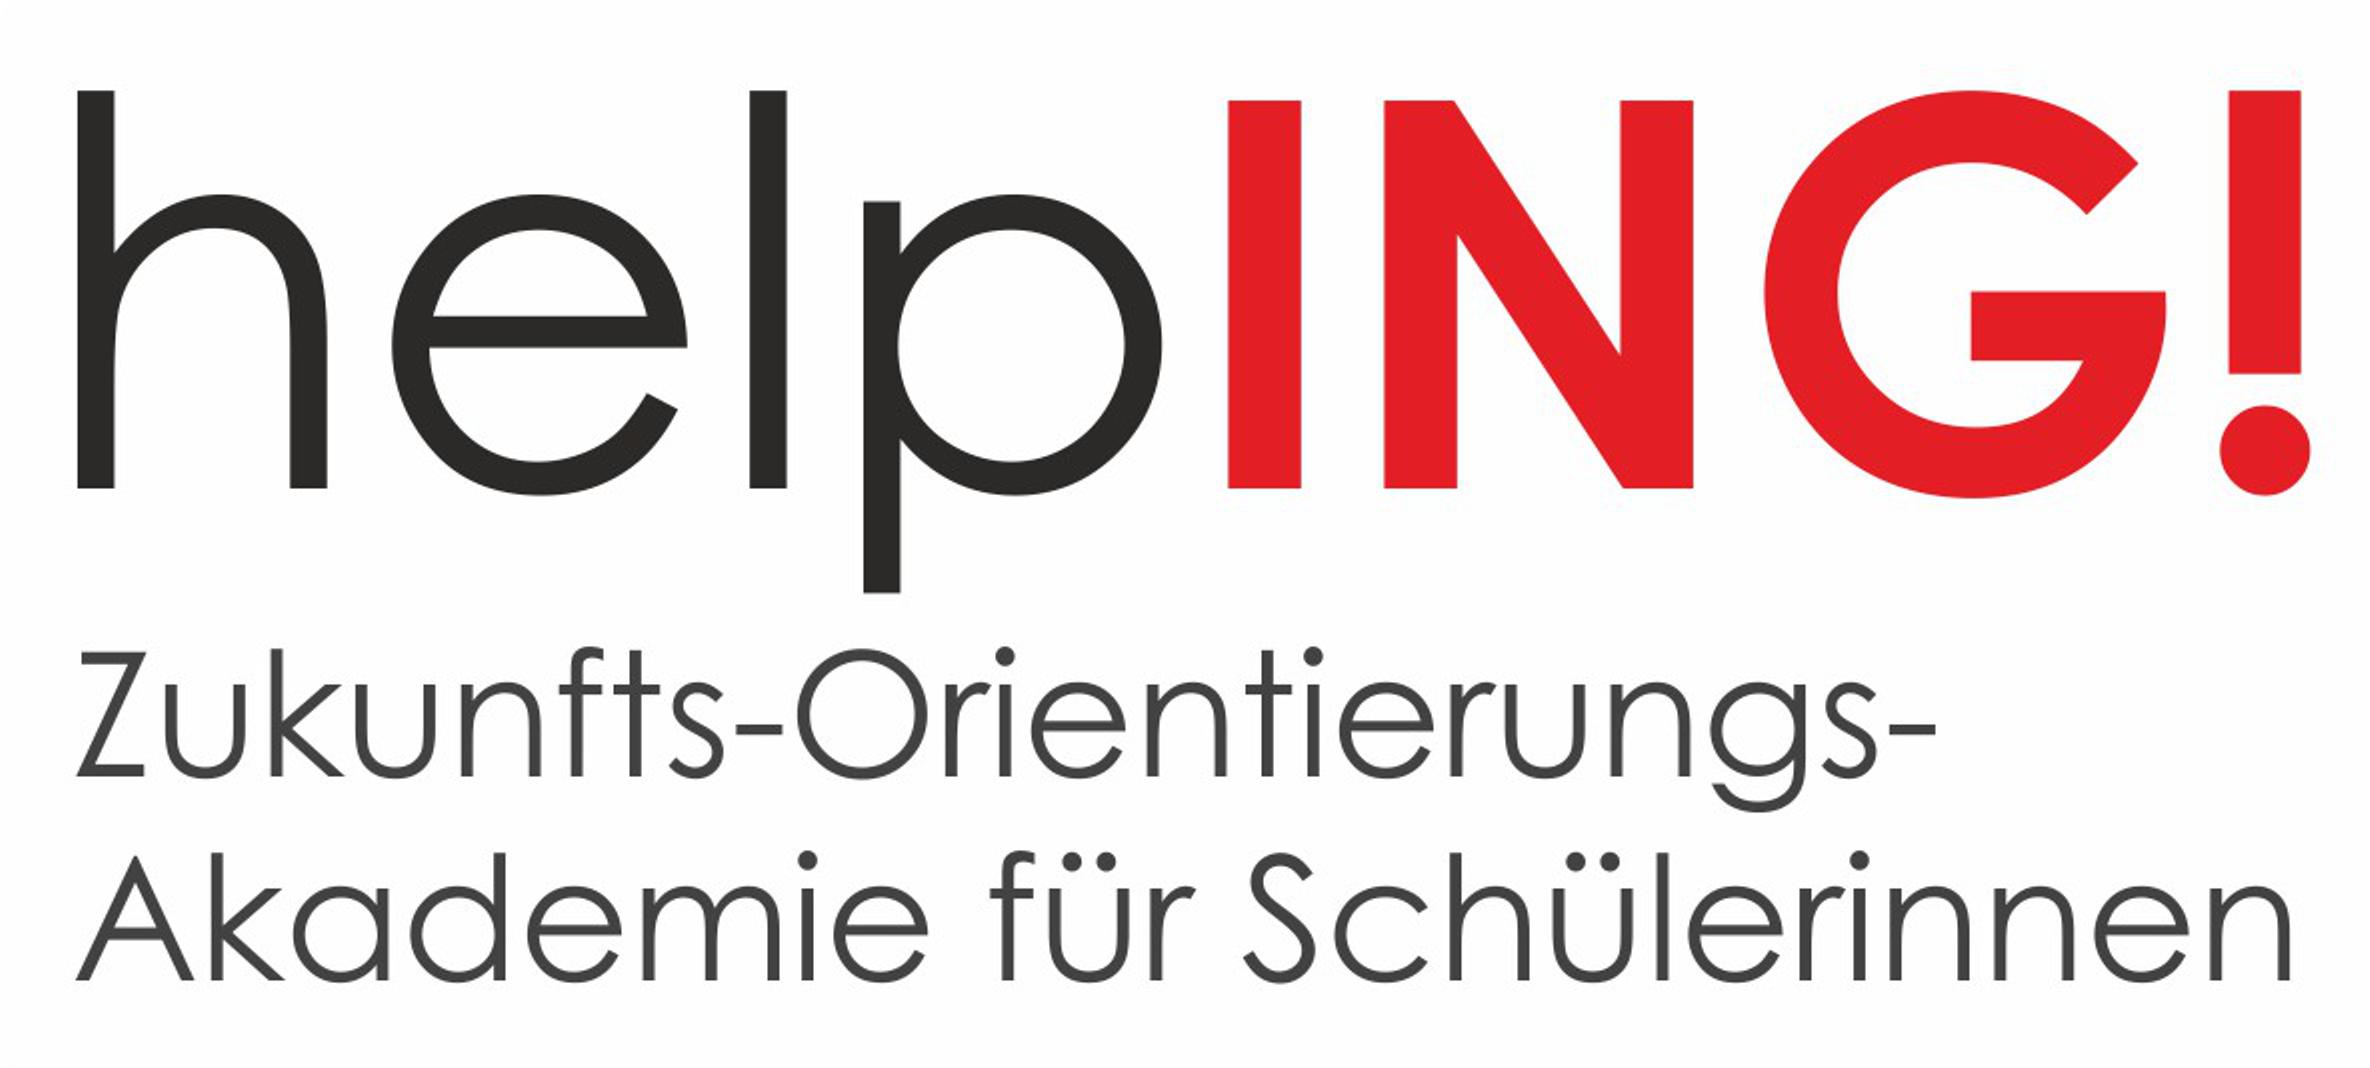 helpING! - Akademie